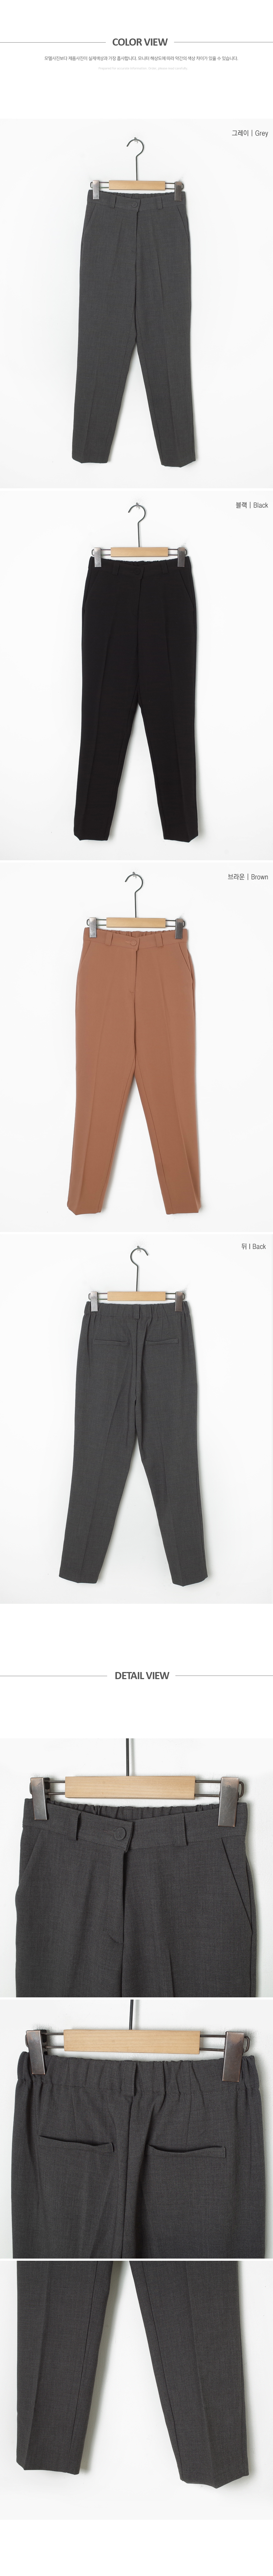 Sense back banding slacks